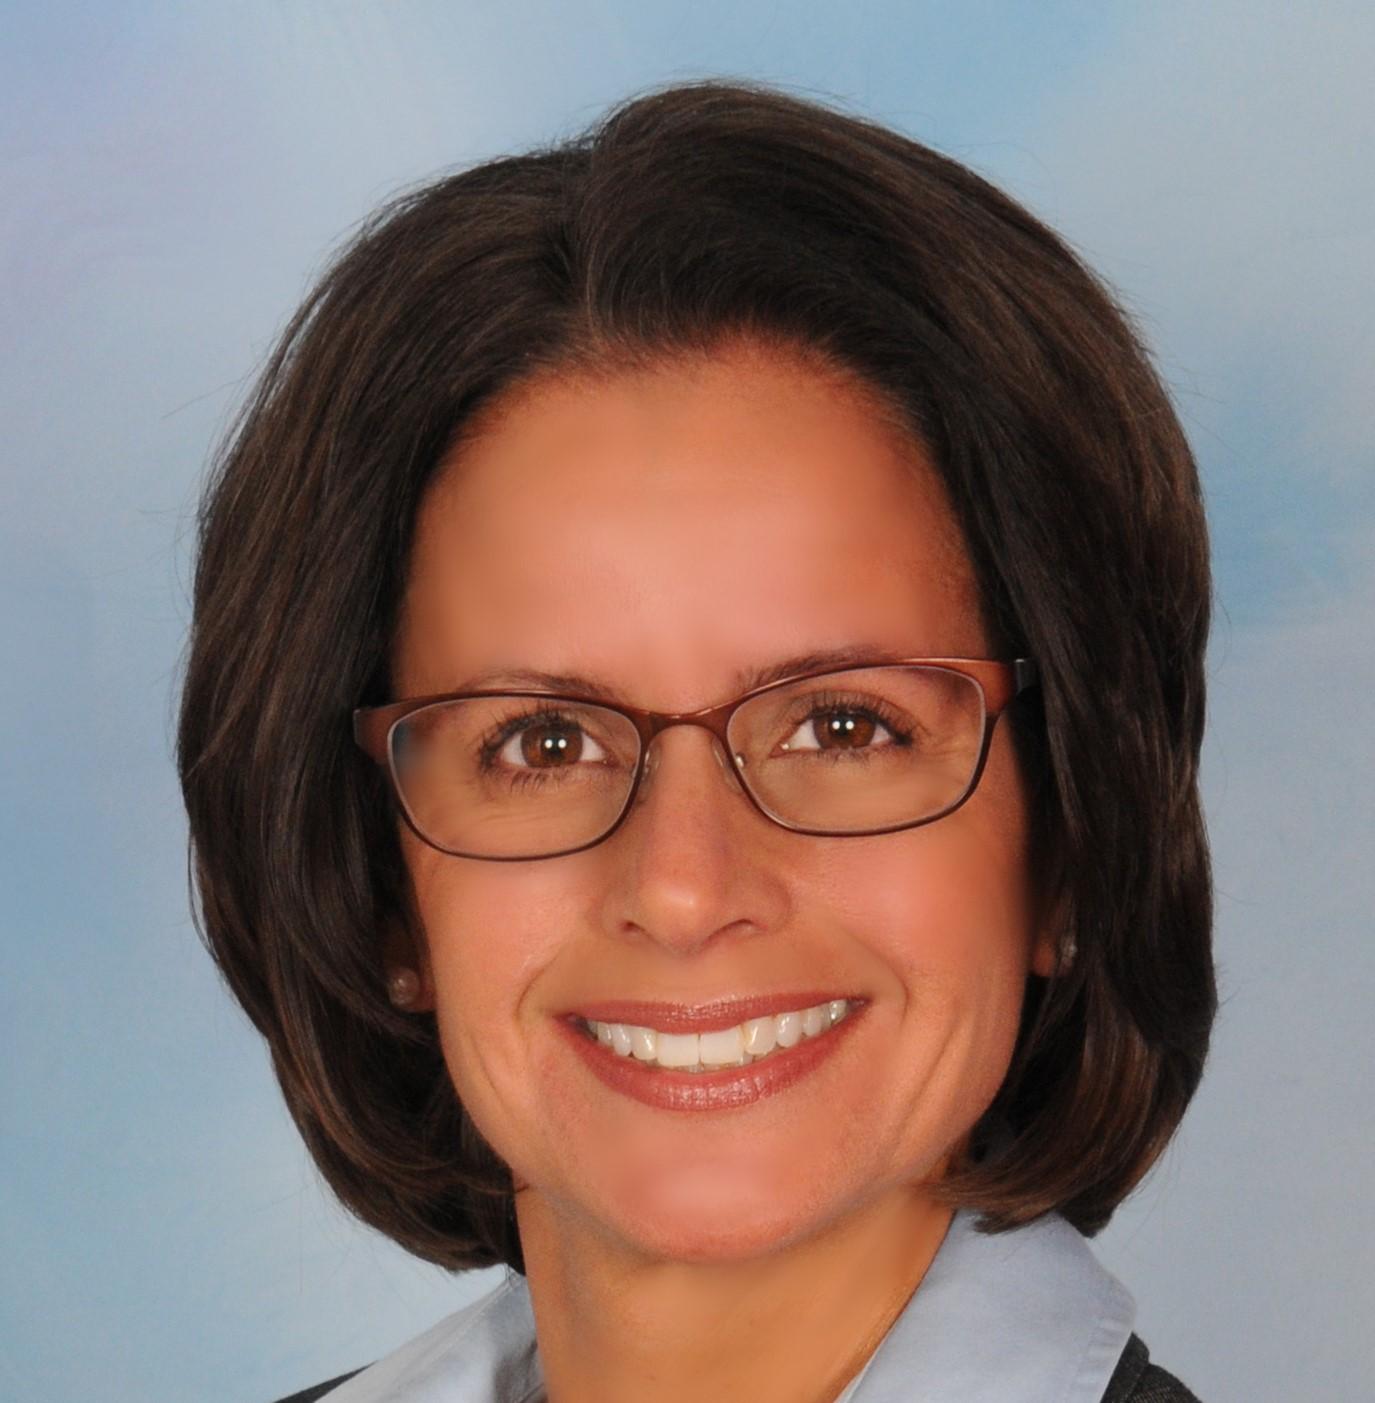 Lori Powers